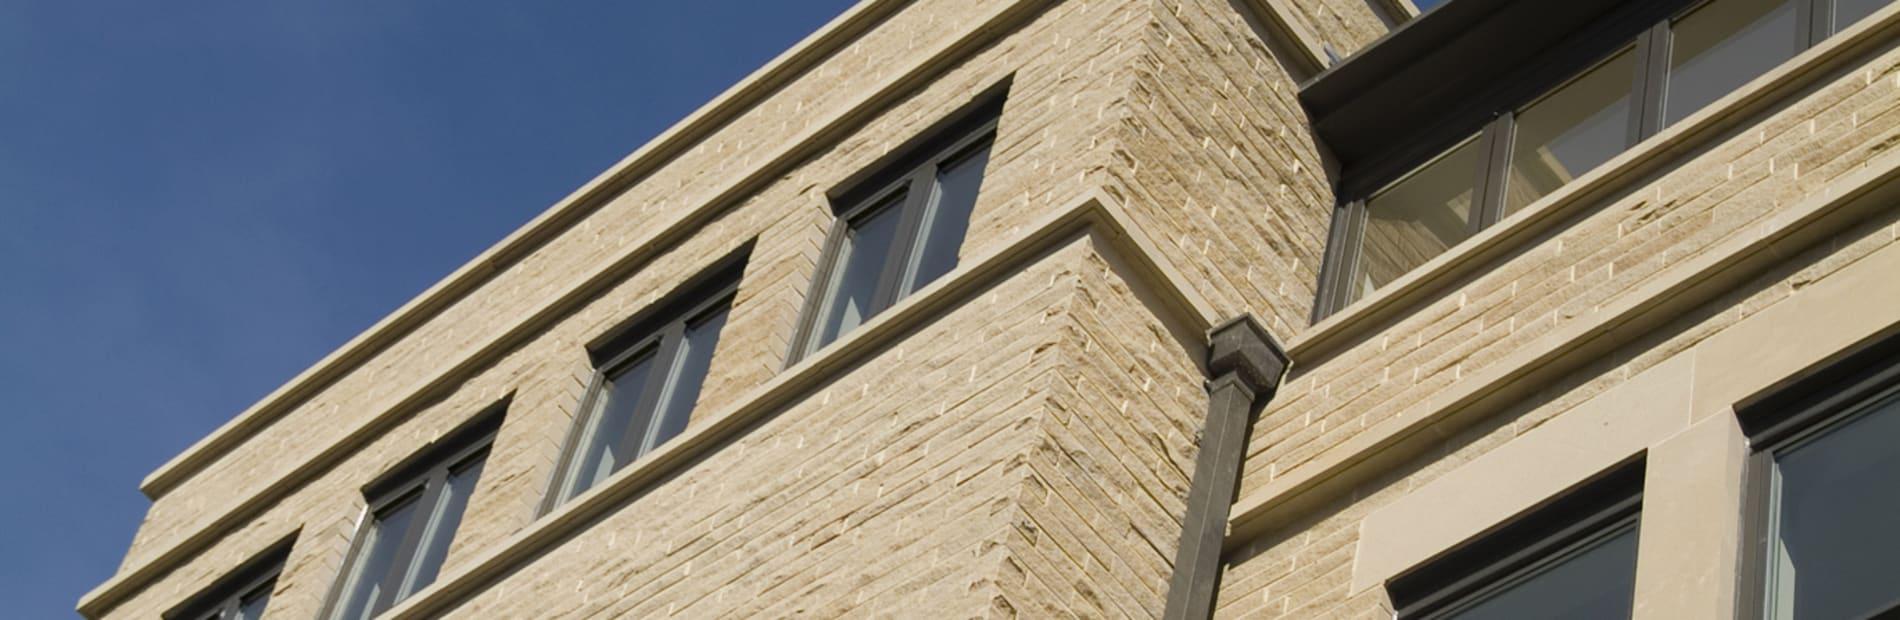 Split face sandstone walling